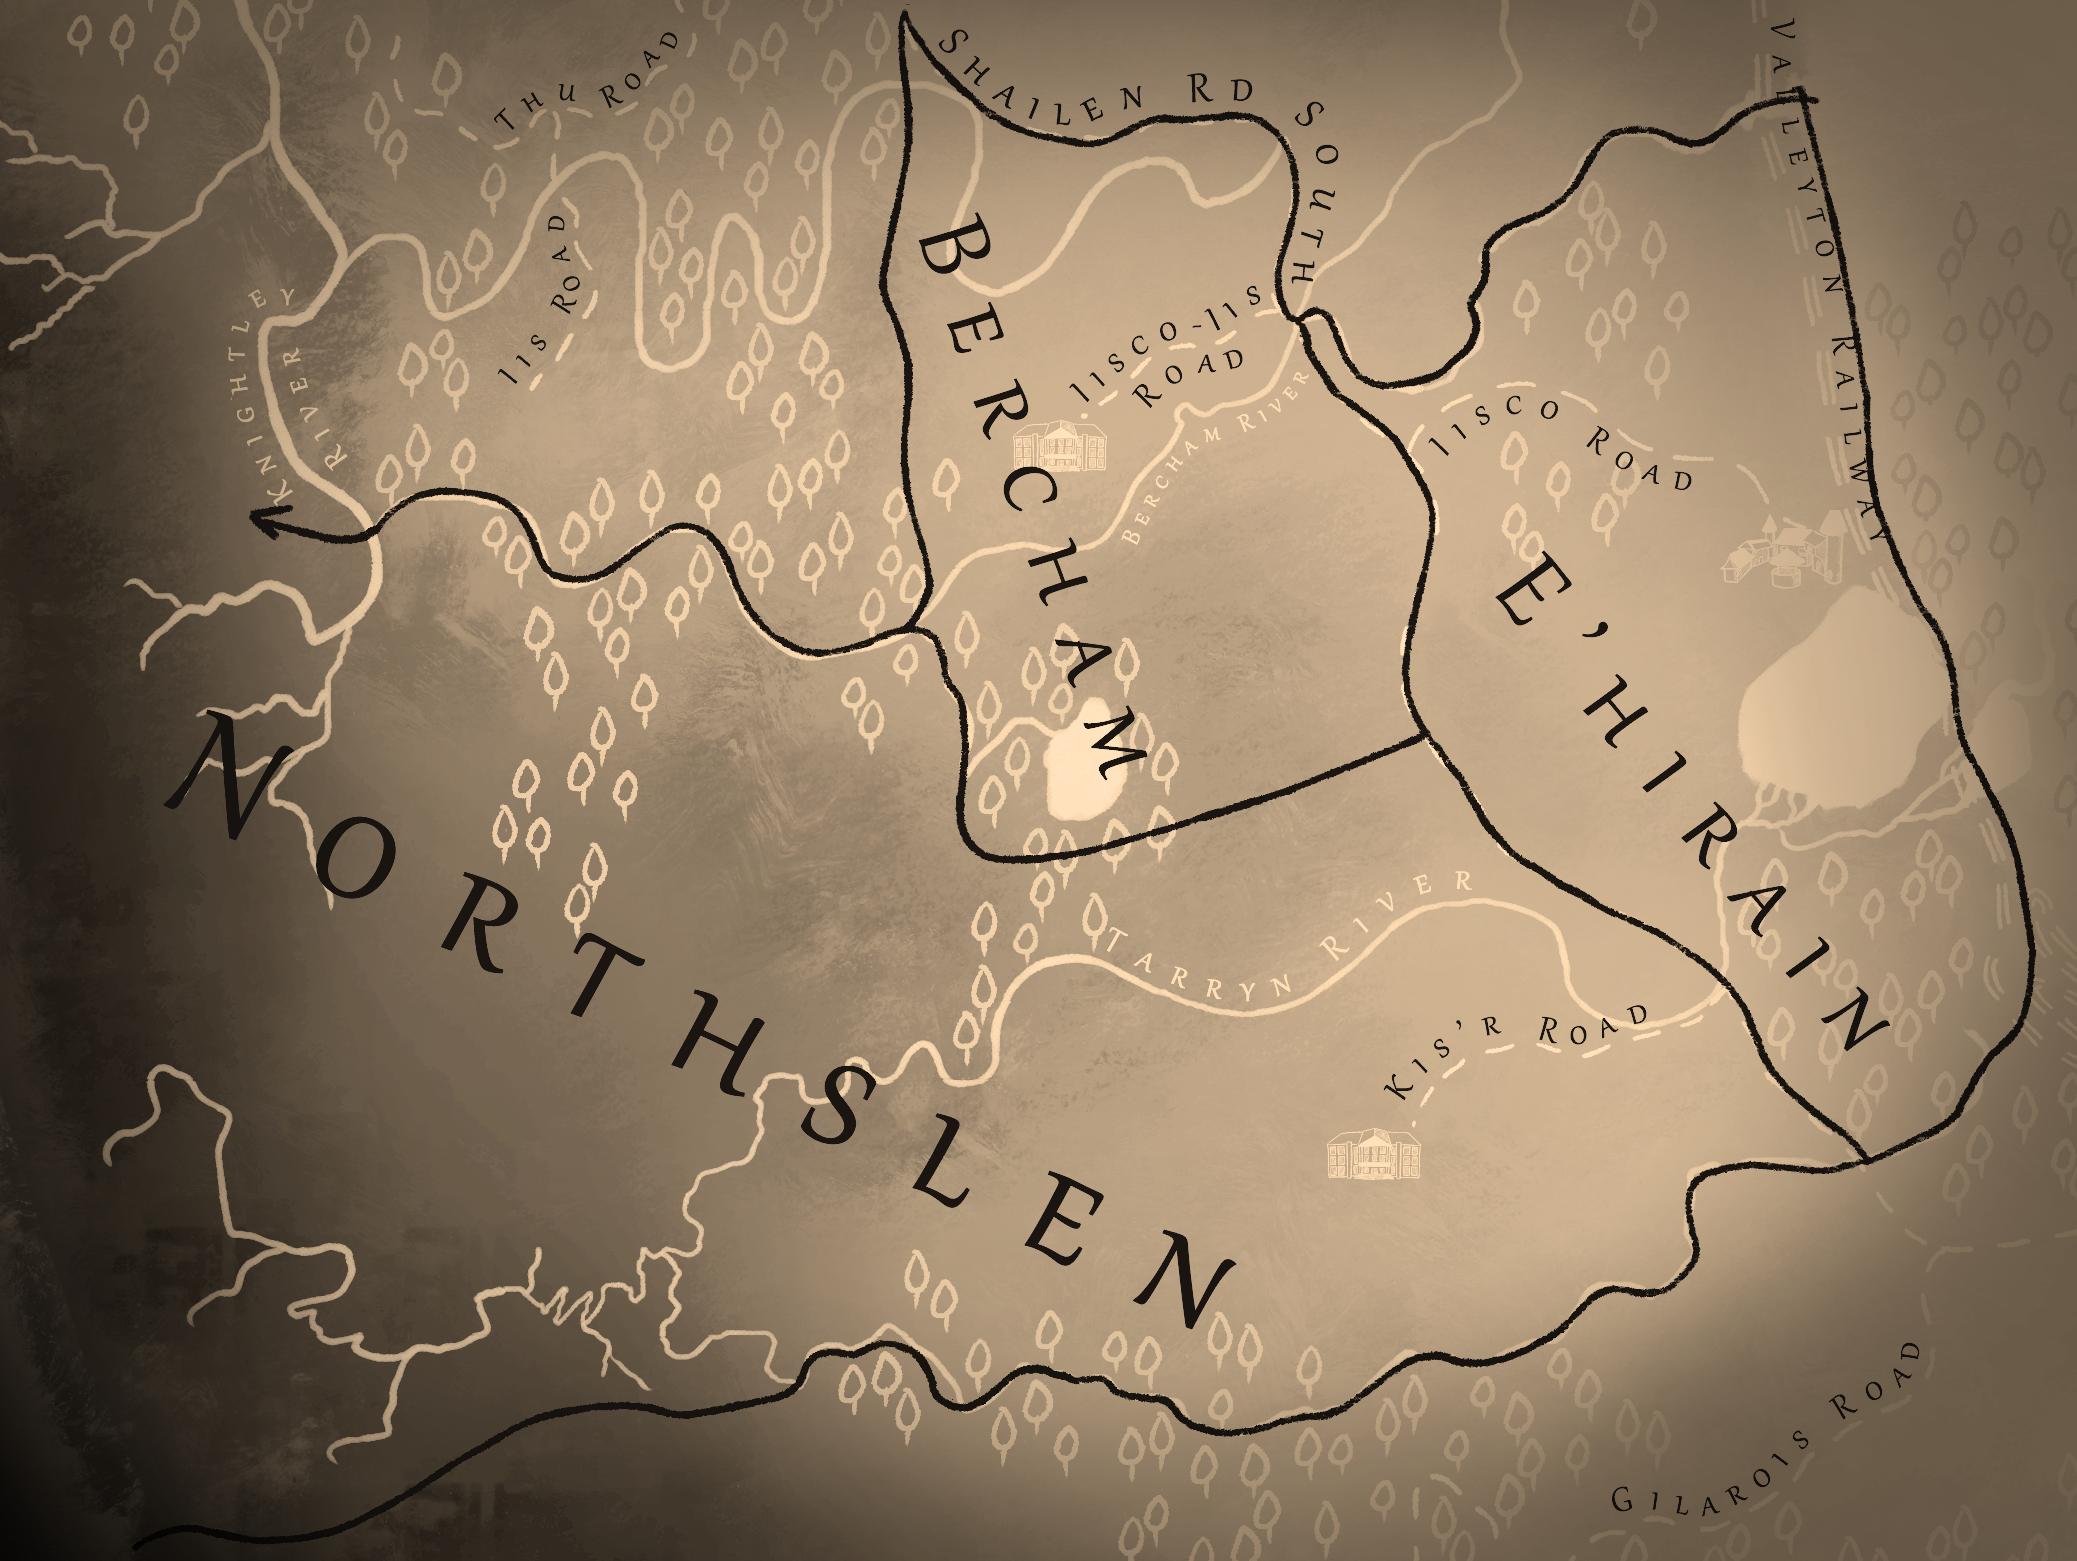 The Northslen Estates of the Westingham Highlands, est. 8600